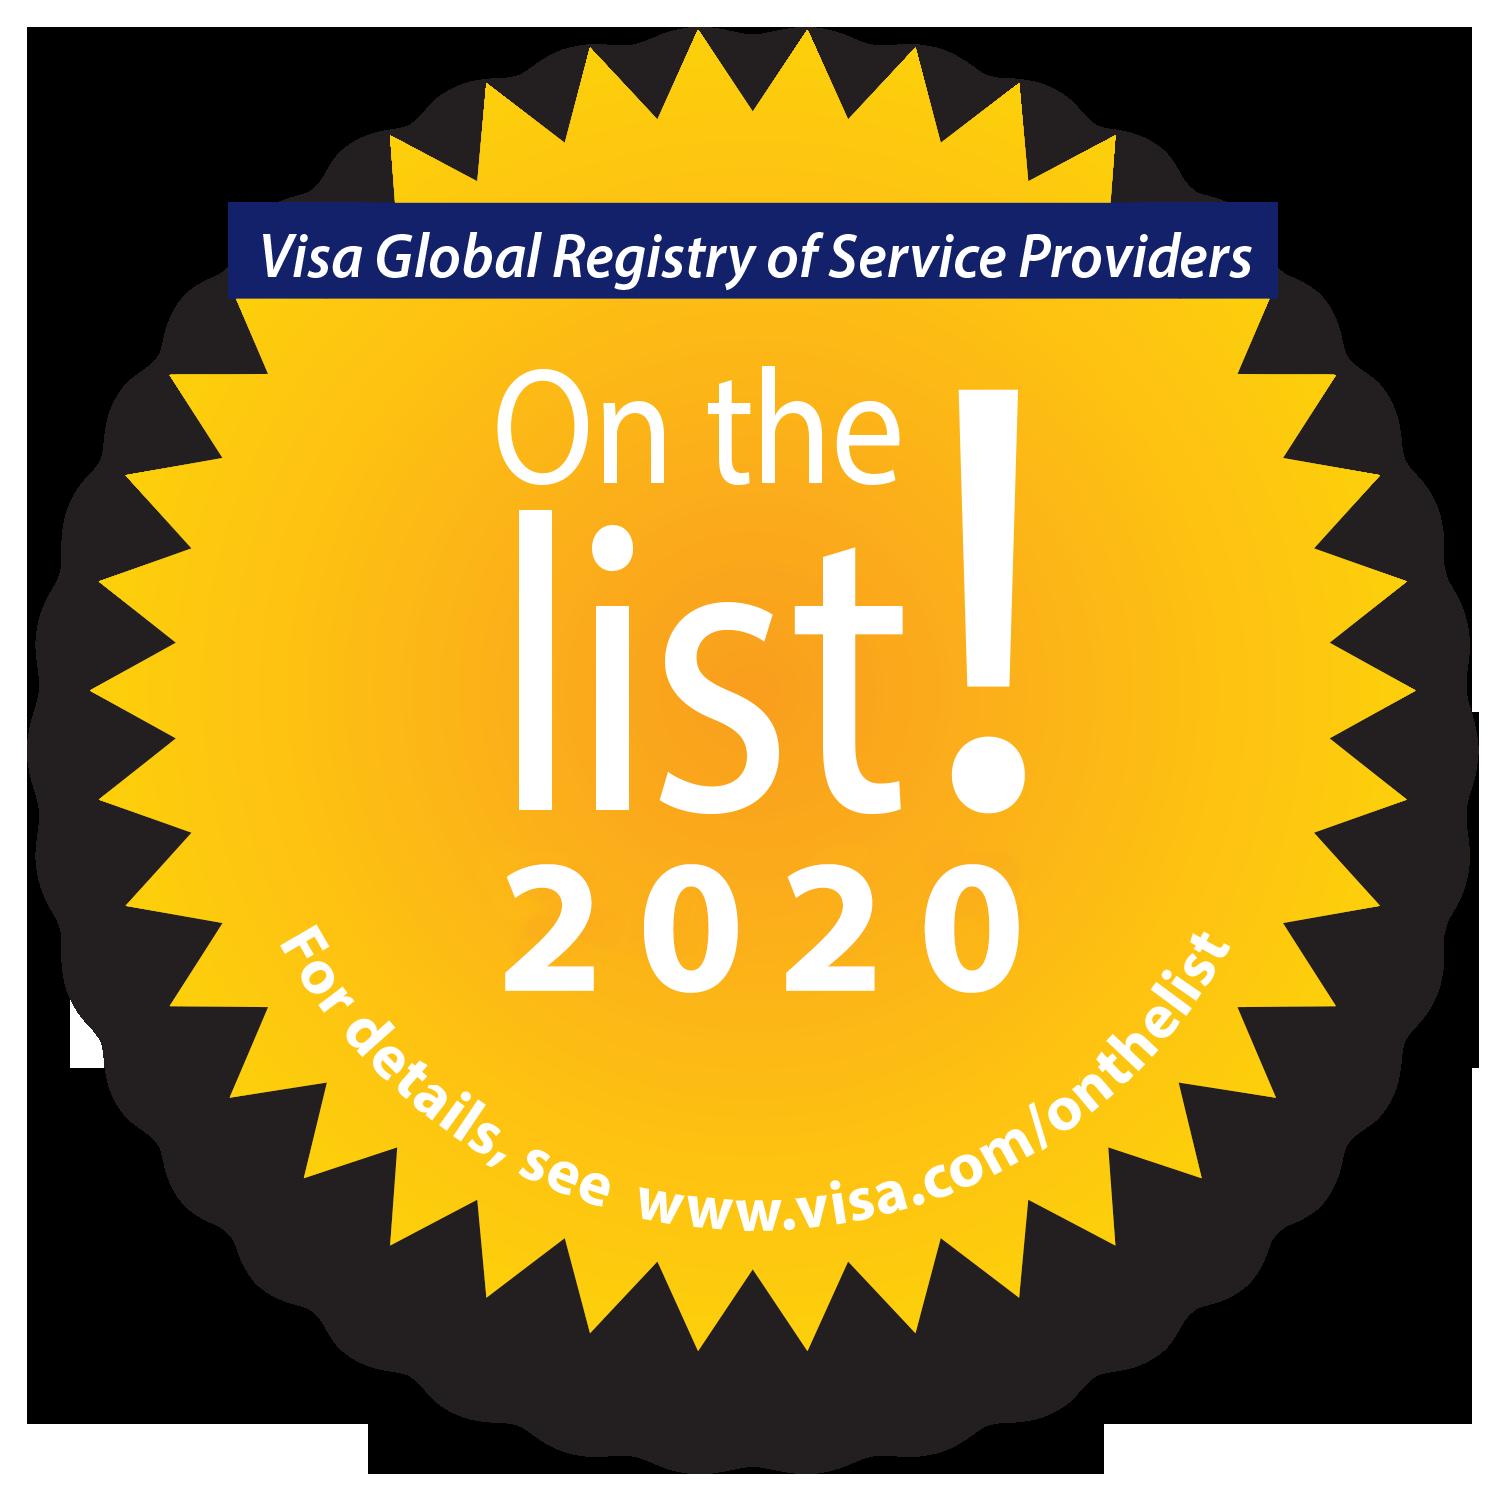 Obrázek článku: service-provider-badge.png